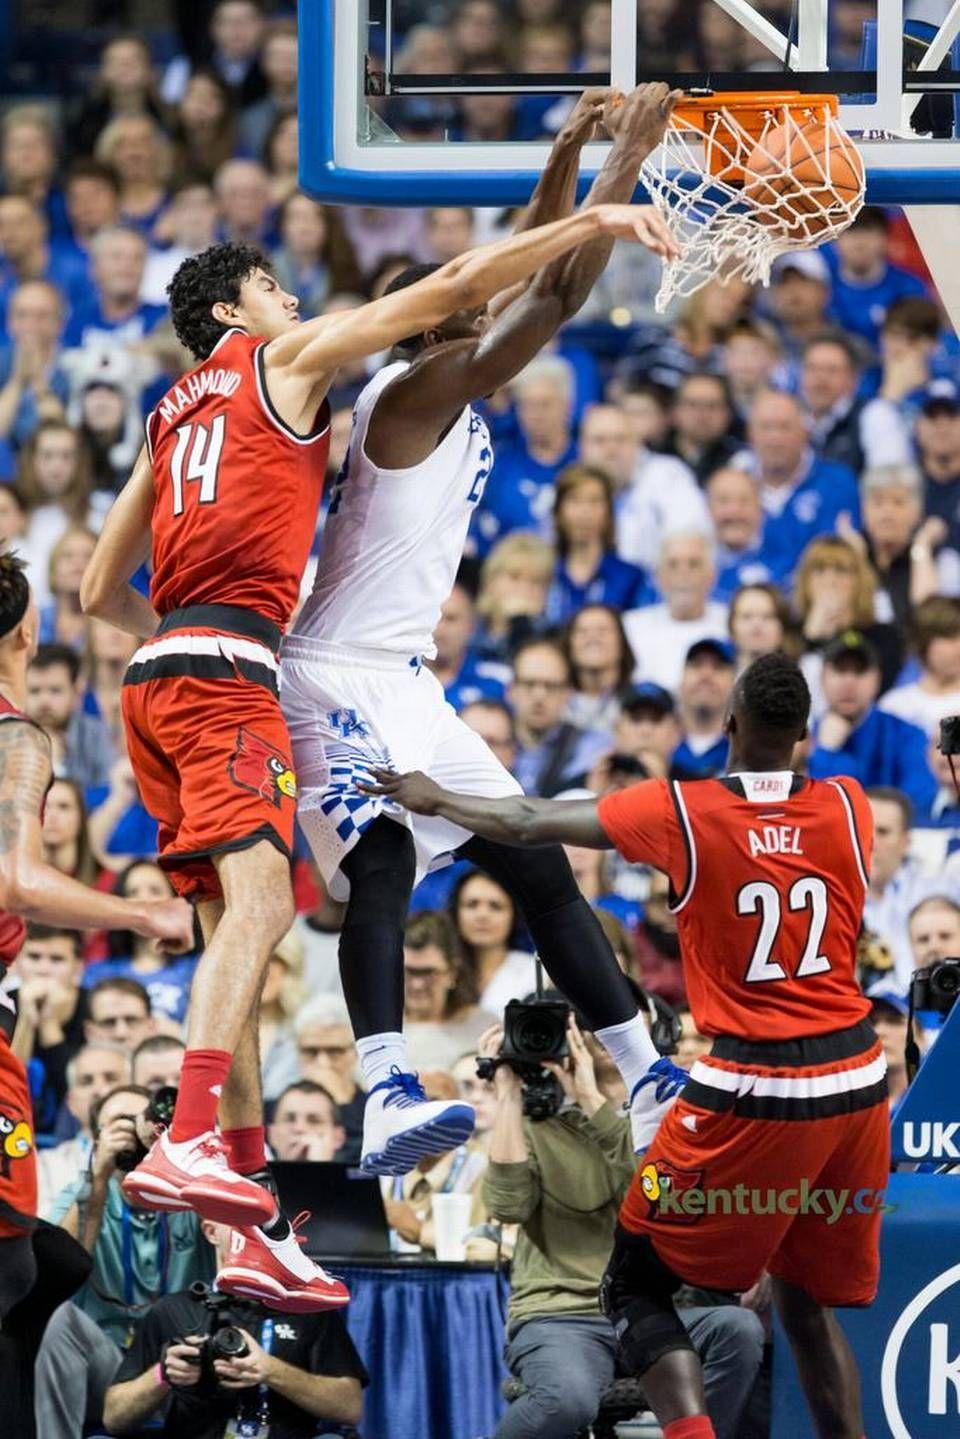 Kentucky forward Alex Poythress, center, dunks over